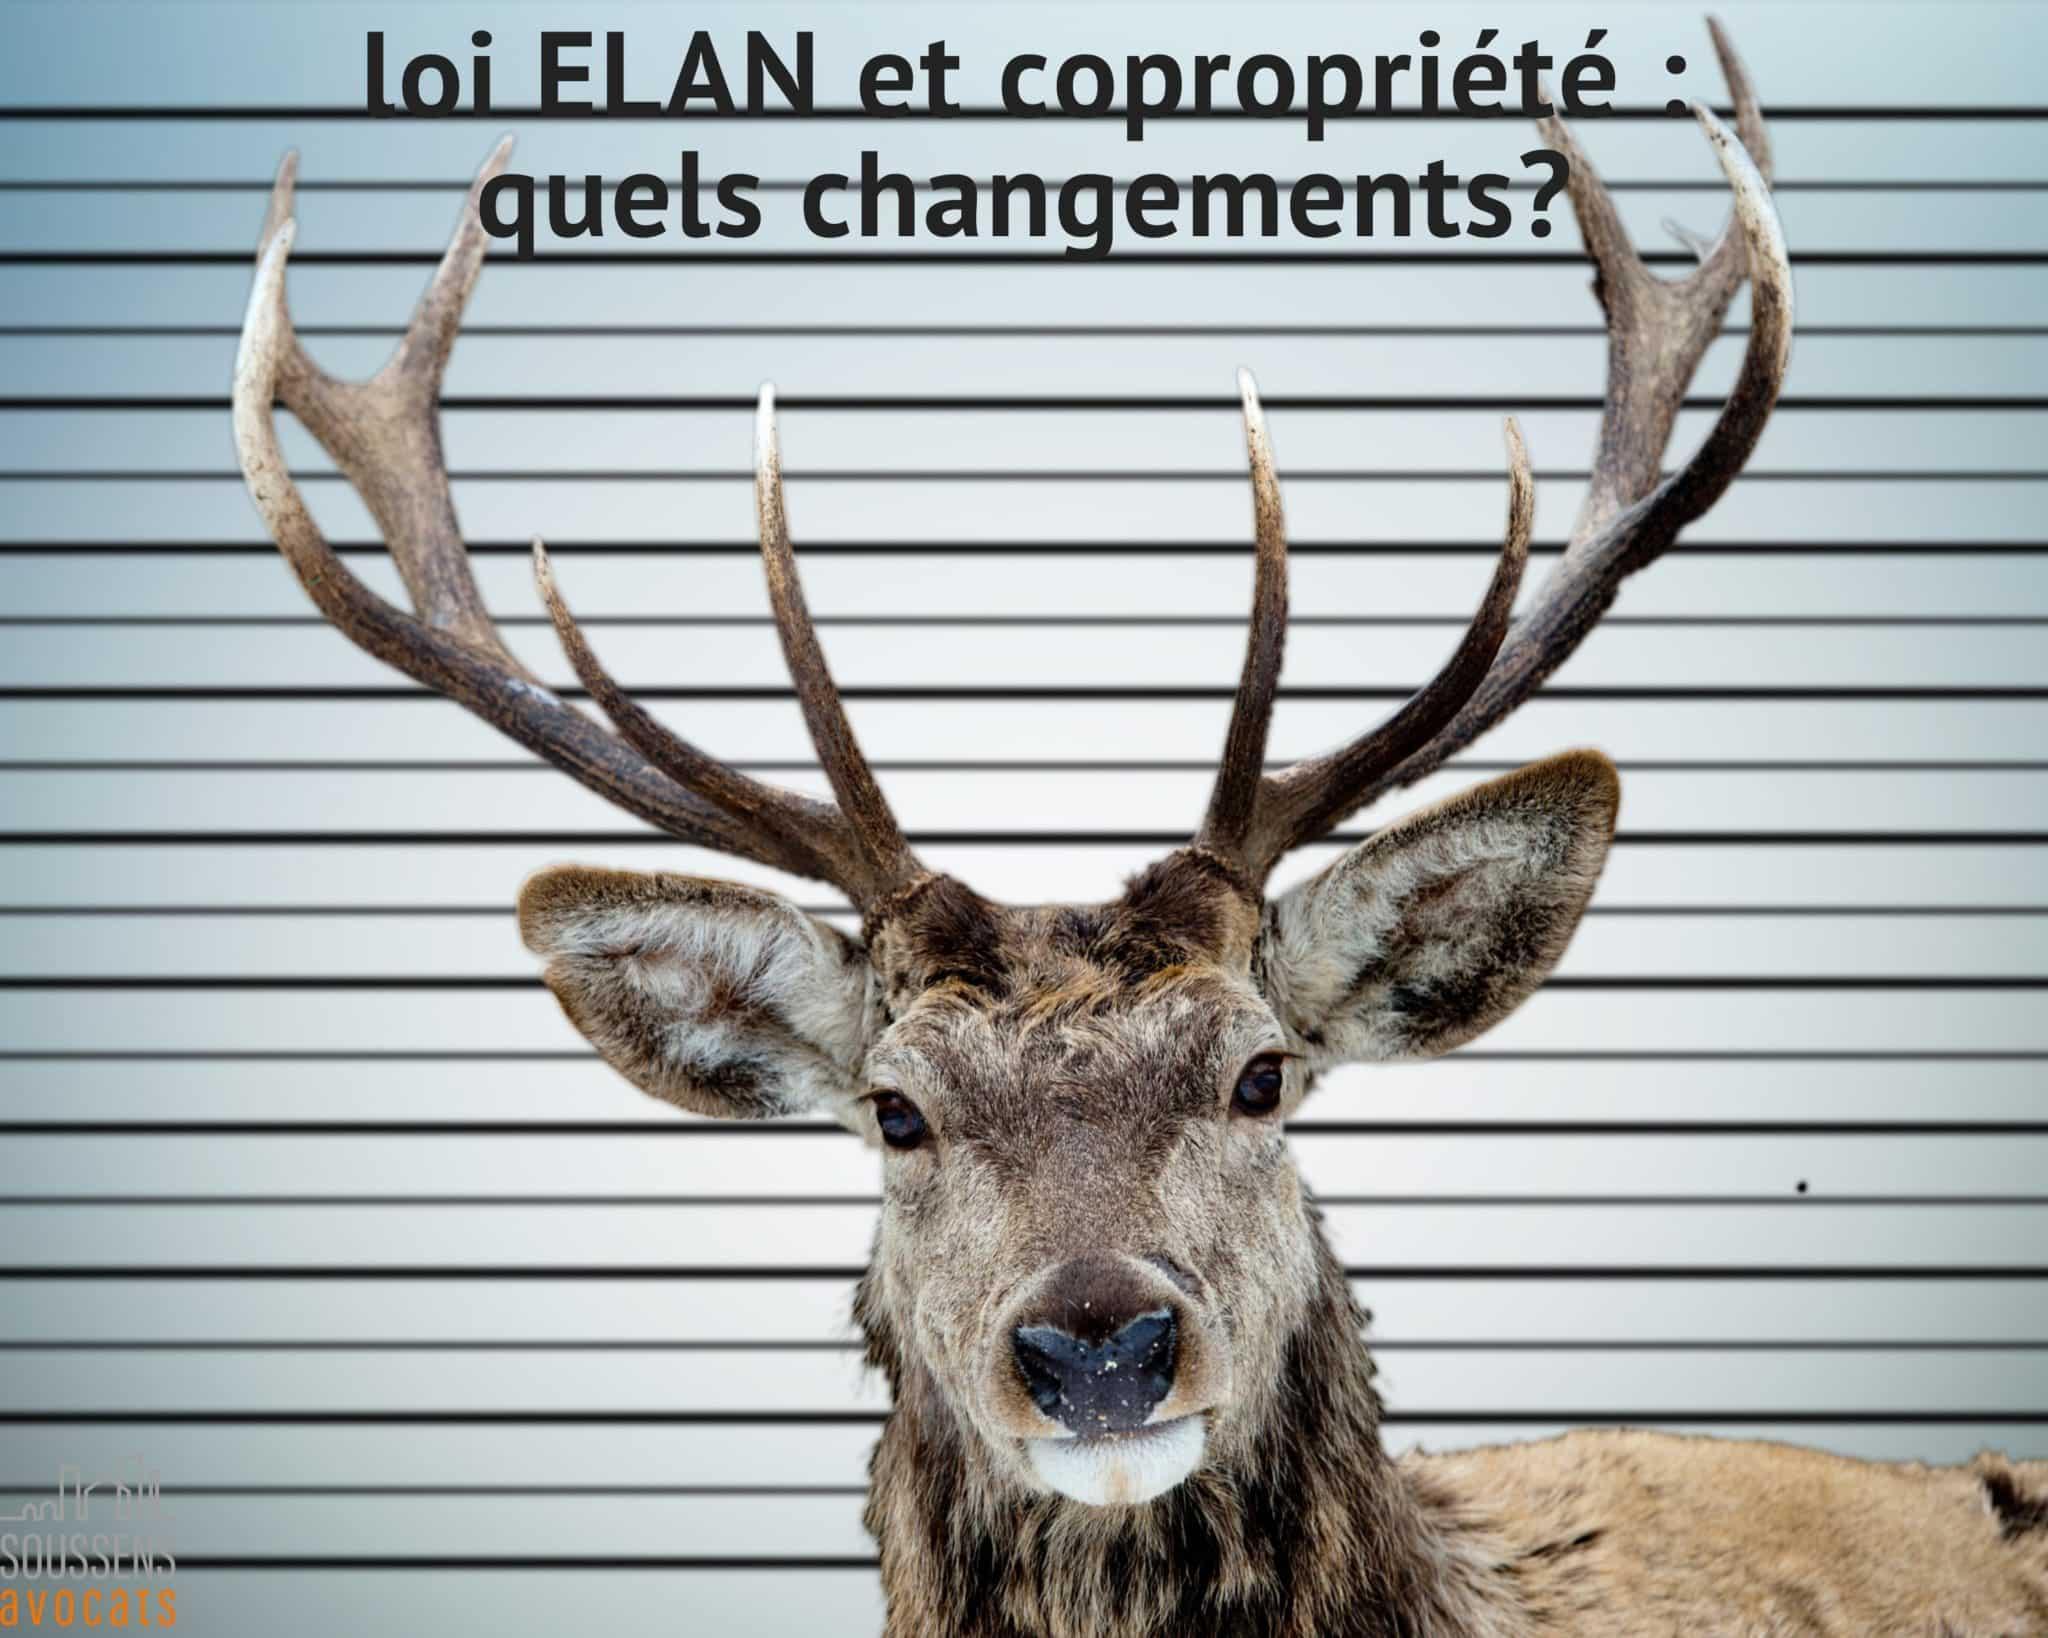 Loi ELAN et copropriété : quels changements?